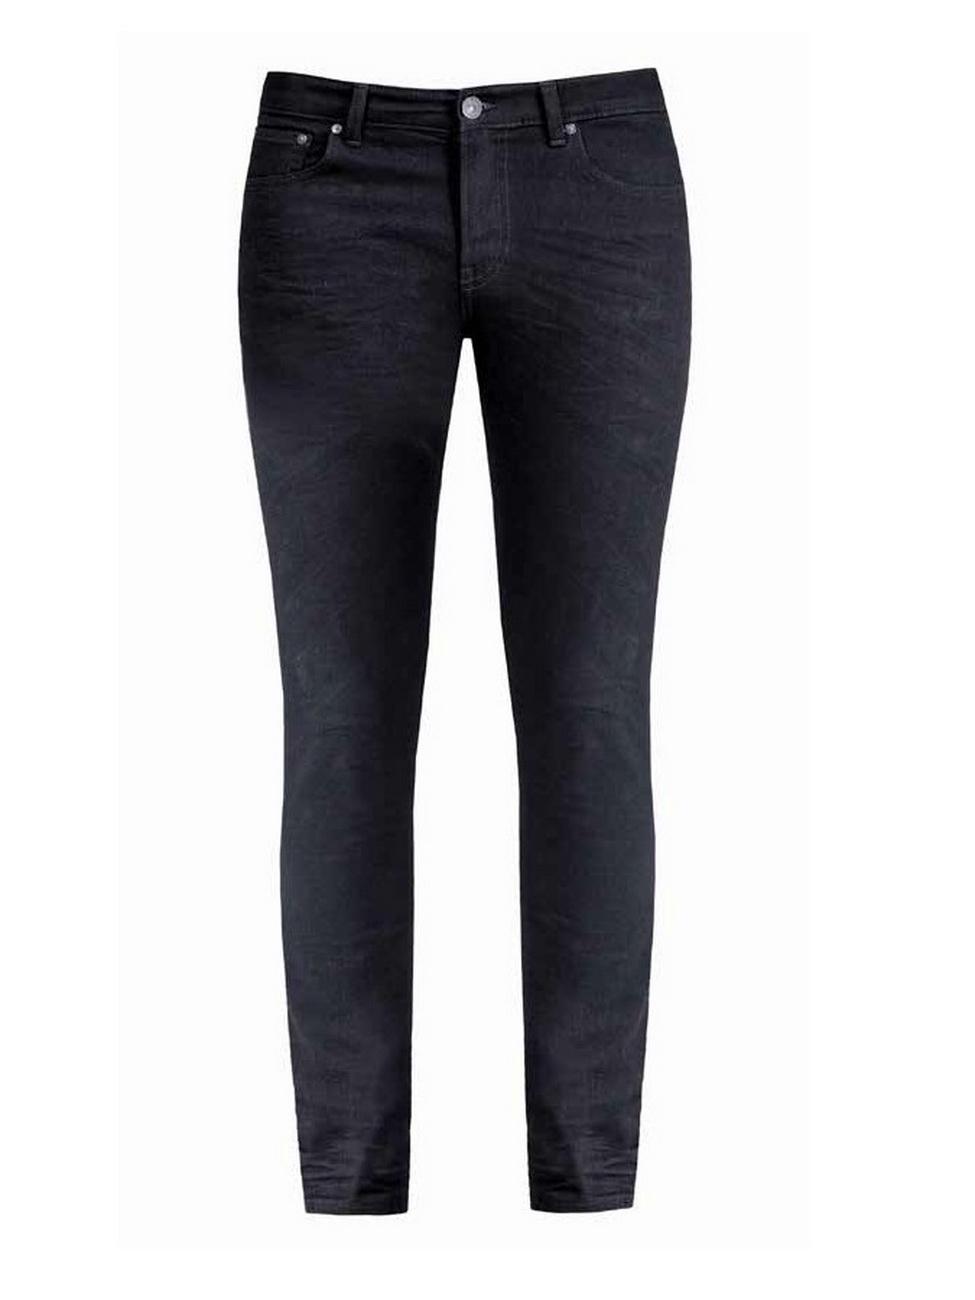 ltb herren jeans smarty super skinny fit schwarz black nuvola x wash kaufen jeans direct de. Black Bedroom Furniture Sets. Home Design Ideas